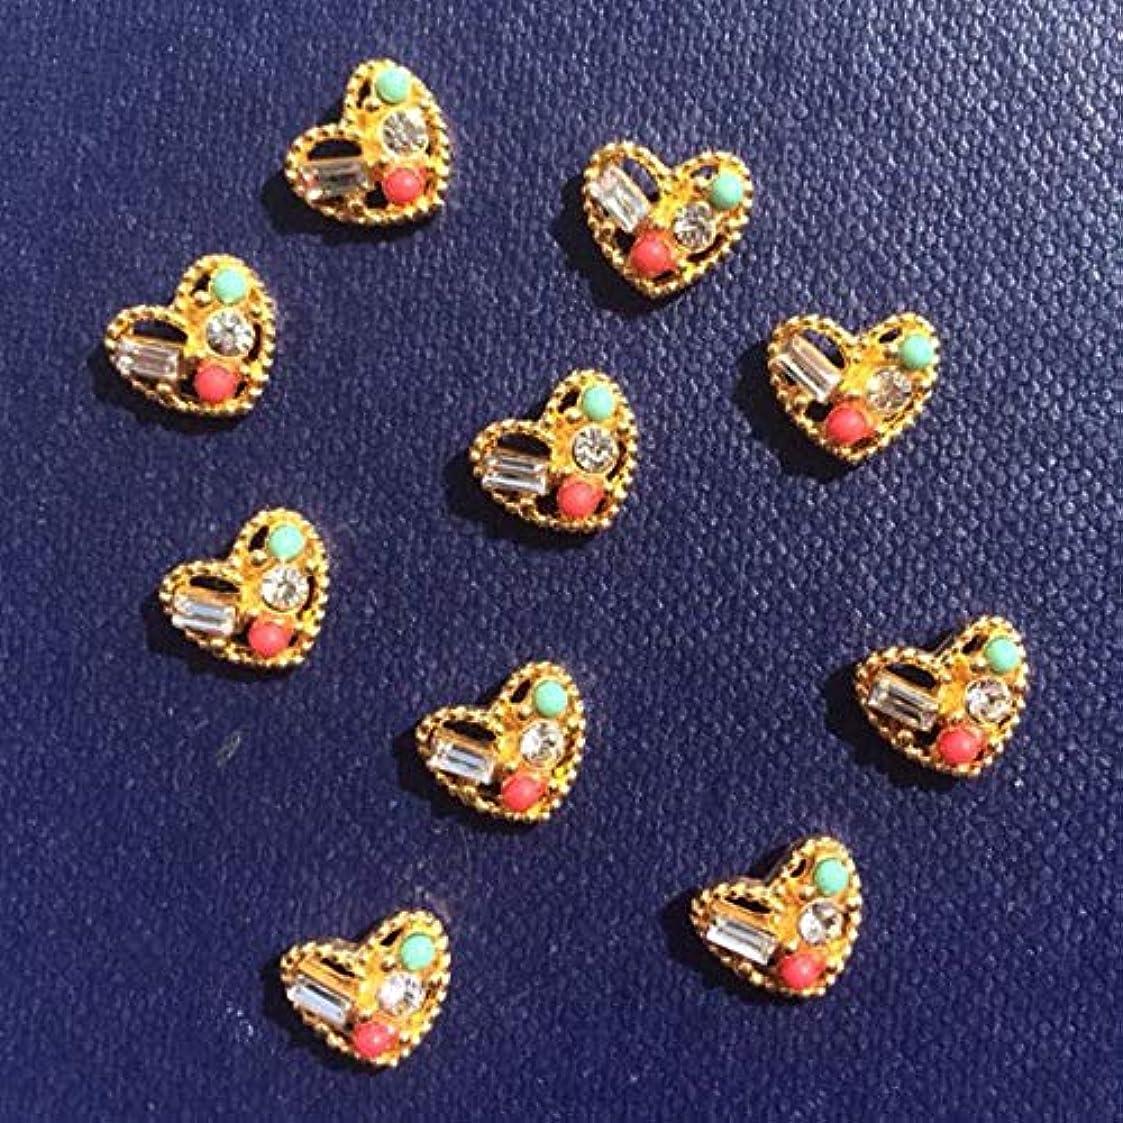 違反人形繊毛10個入り/ロットクリアクリスタルラインストーンゴールド合金のラブハートのデザインの3Dラインストーンネイルアートの装飾